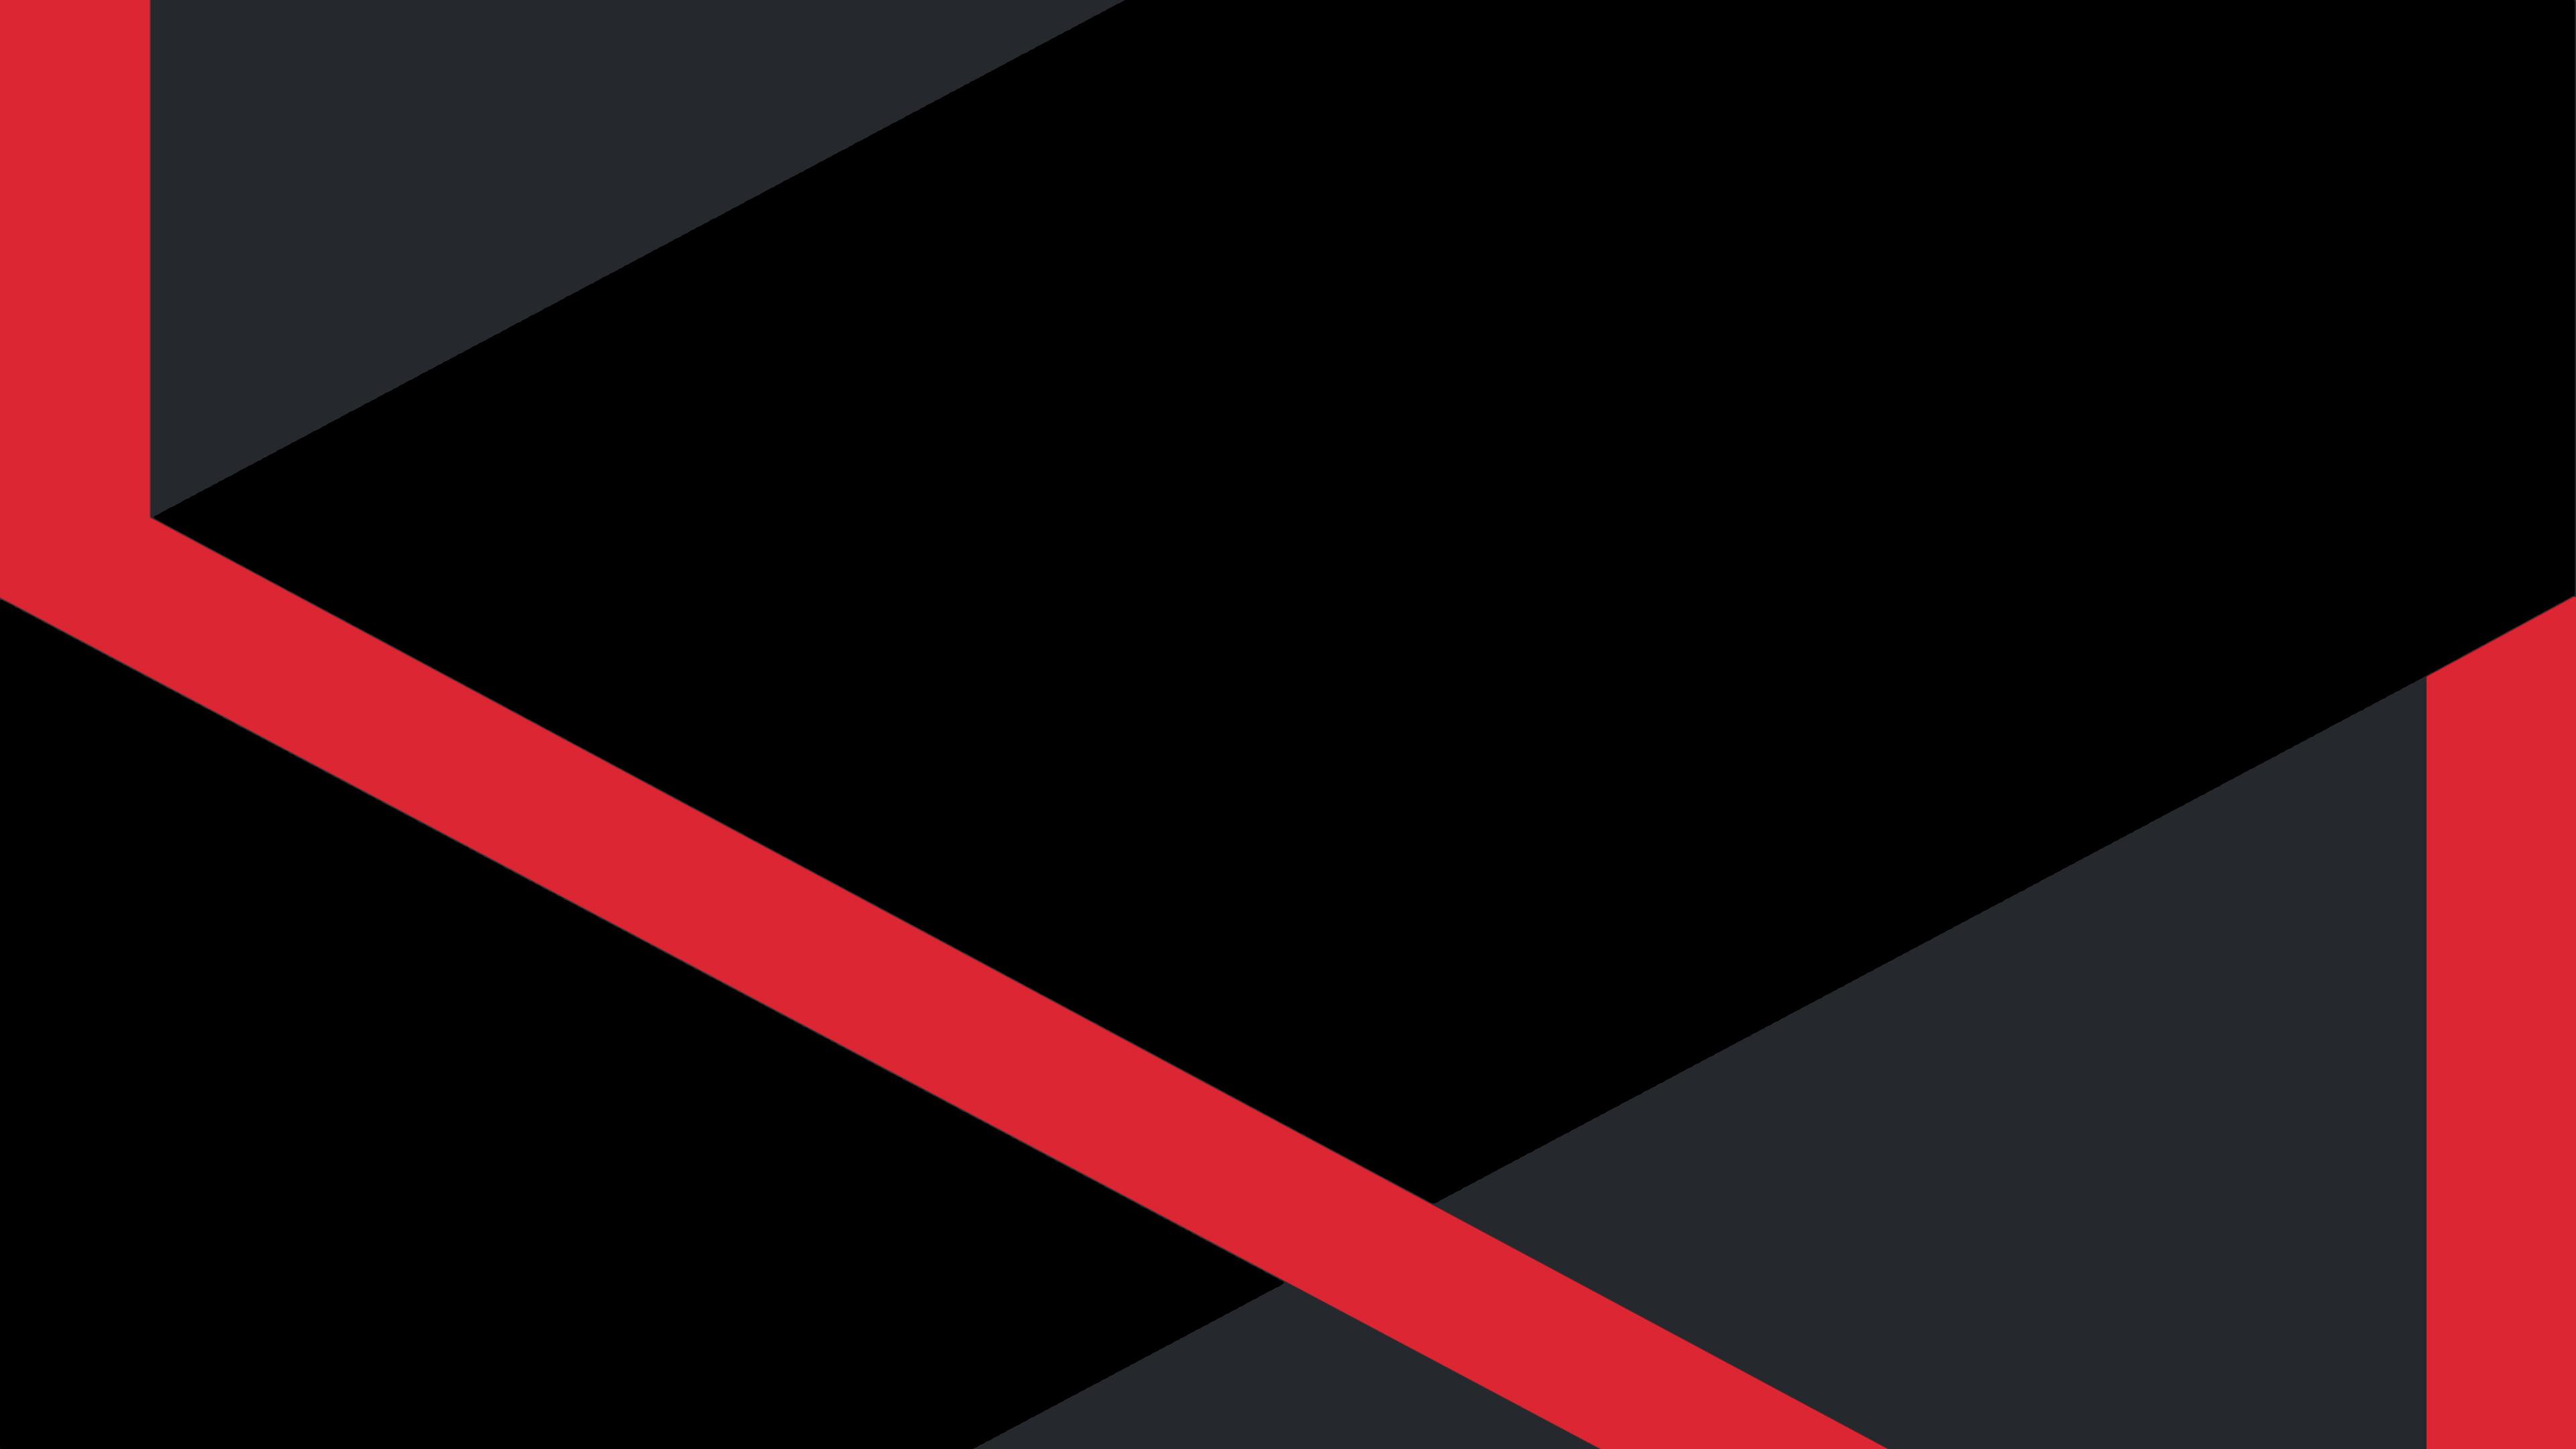 mkbhd logo black background 5k 1539371216 - MKBHD Logo Black Background 5k - mkbhd wallpapers, logo wallpapers, hd-wallpapers, abstract wallpapers, 5k wallpapers, 4k-wallpapers